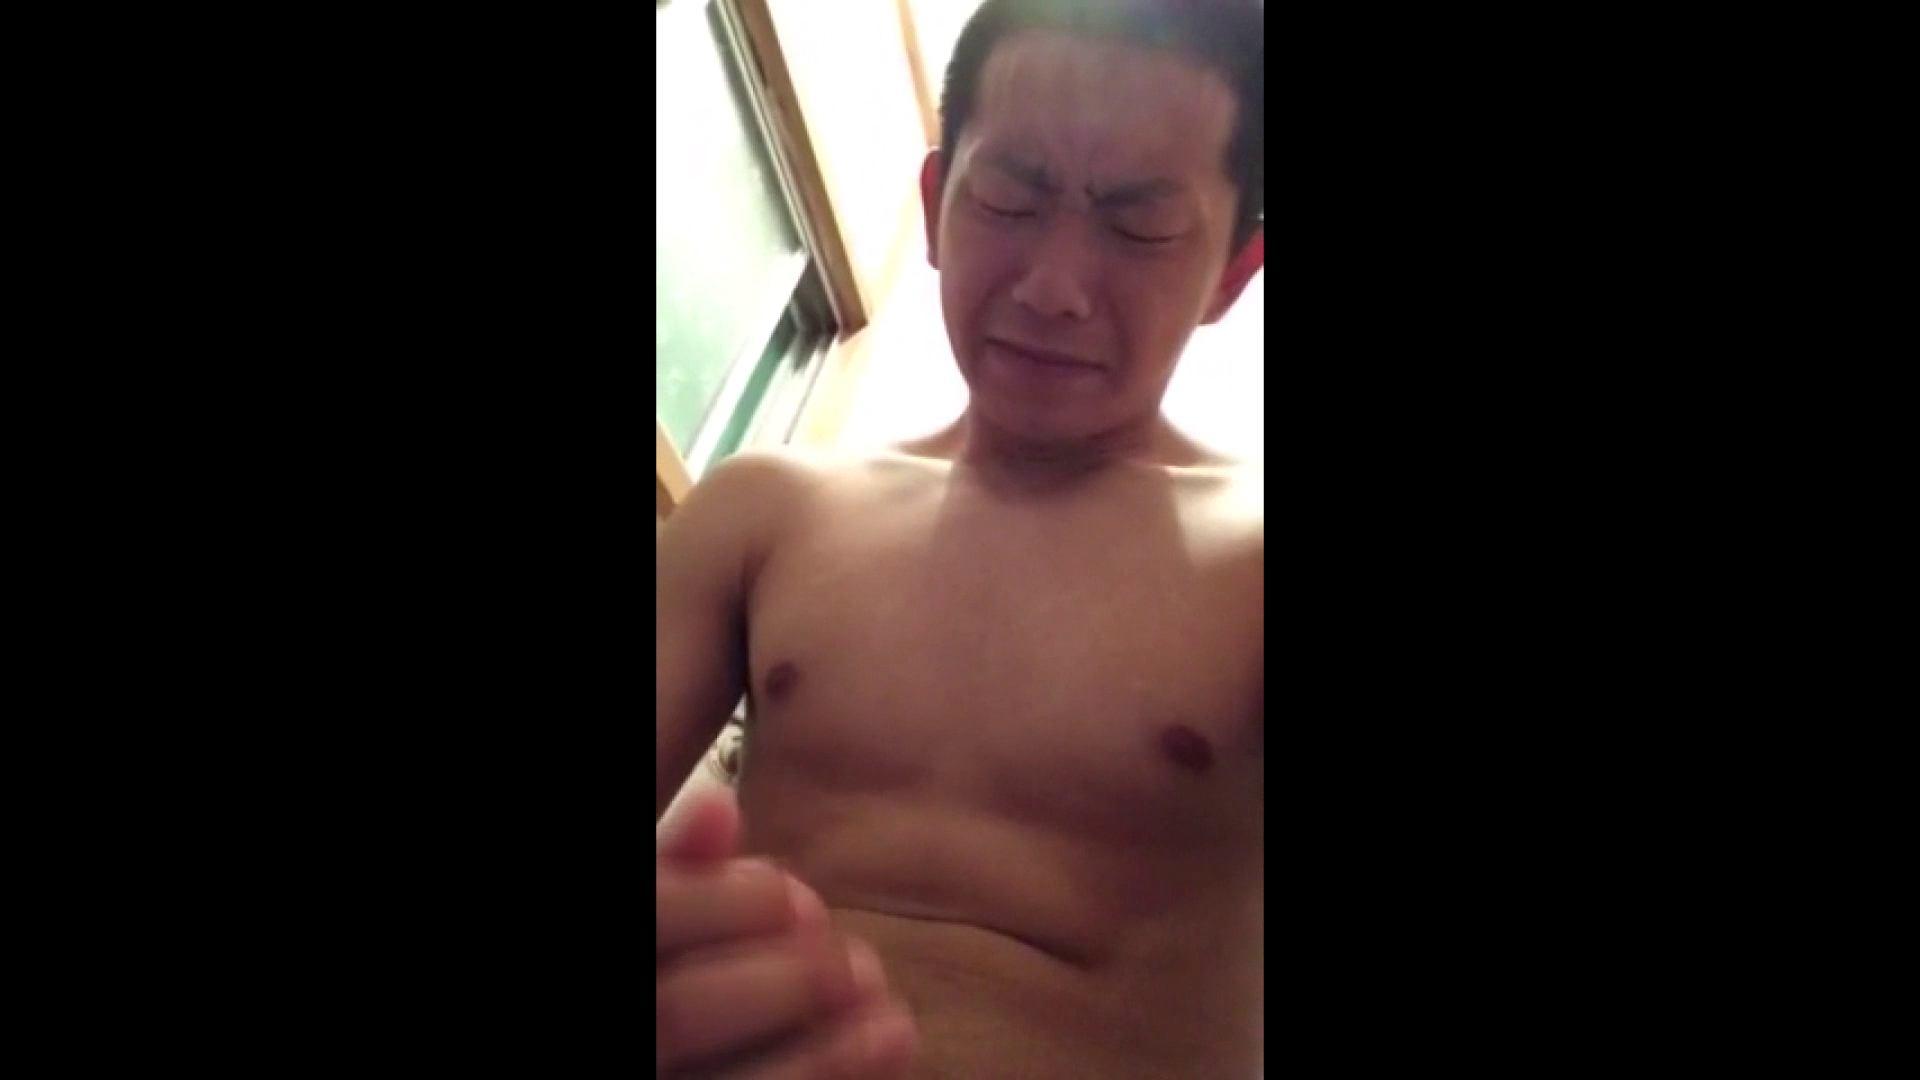 個人撮影 自慰の極意 Vol.33 ゲイの自慰 ゲイセックス画像 94pic 93